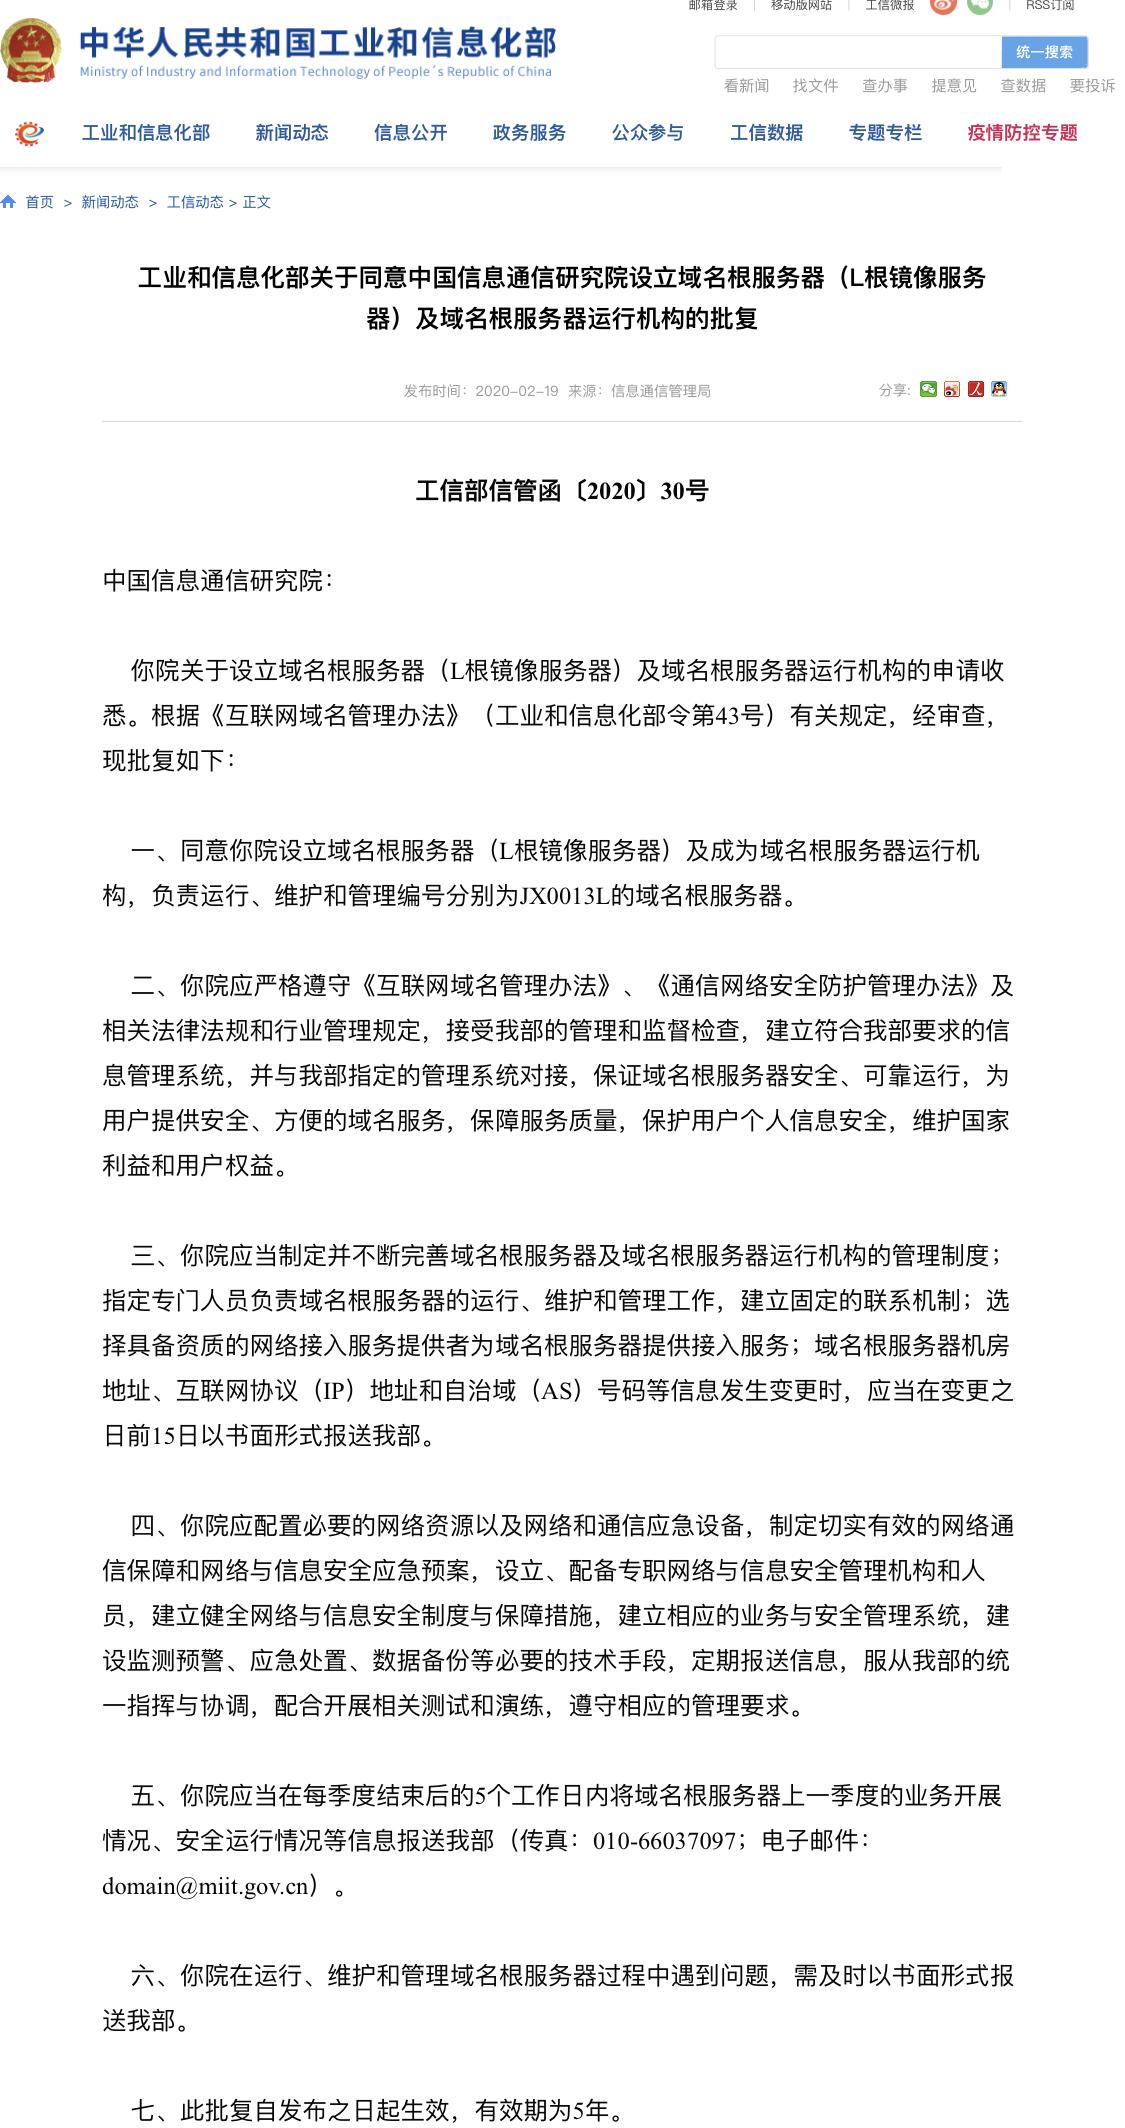 工信部宣布同意中国信息通信研究院设立域名根服务器